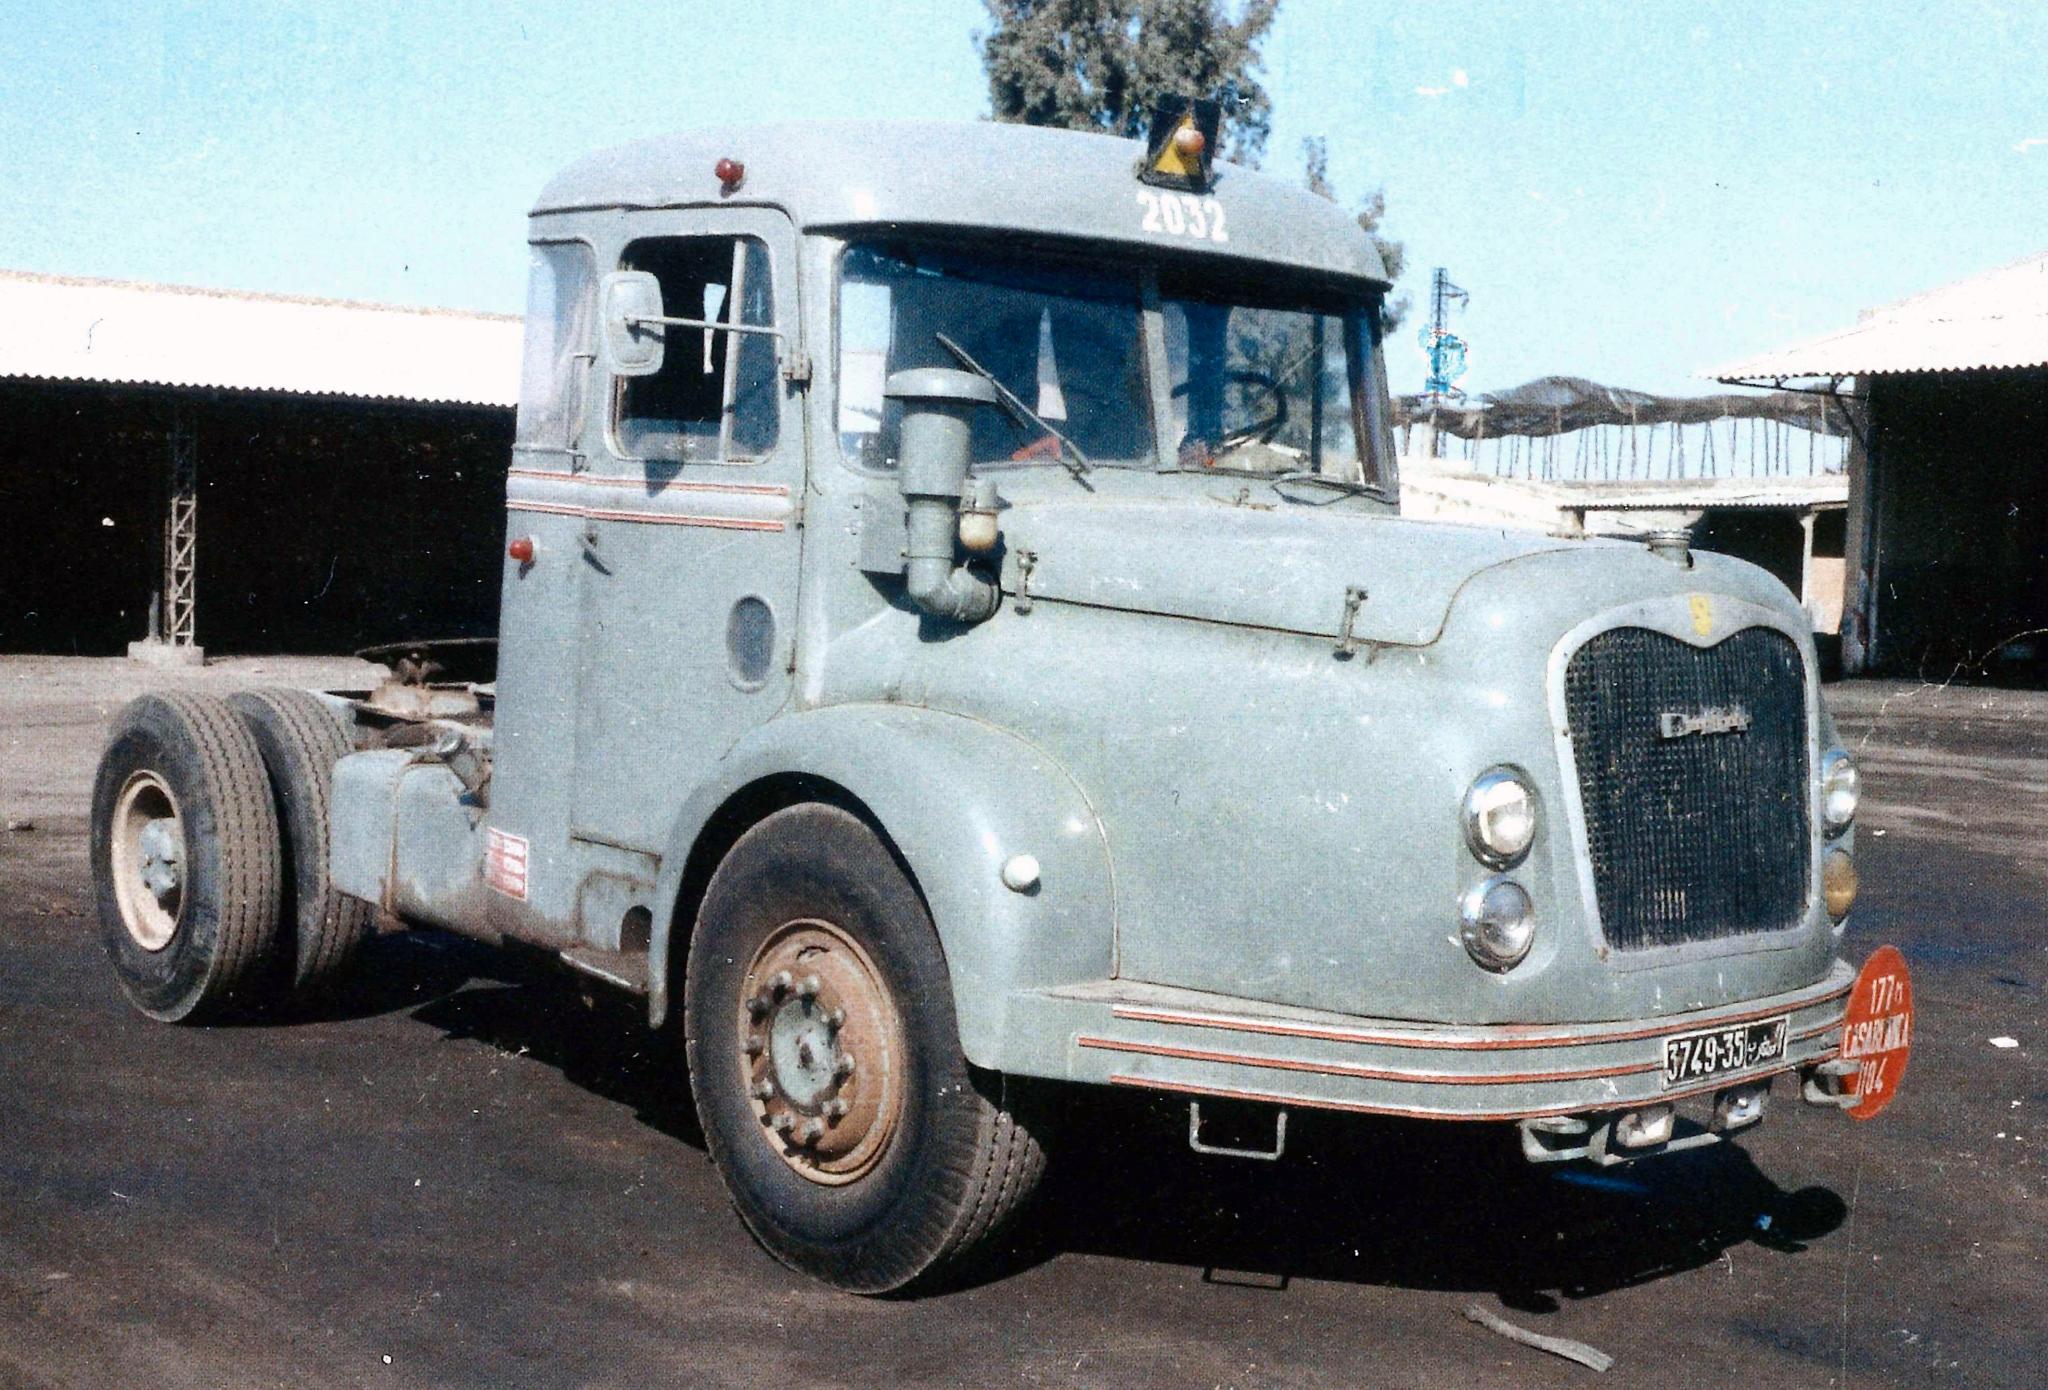 Transport Routier au Maroc - Histoire 49771322643_13067f1c84_o_d